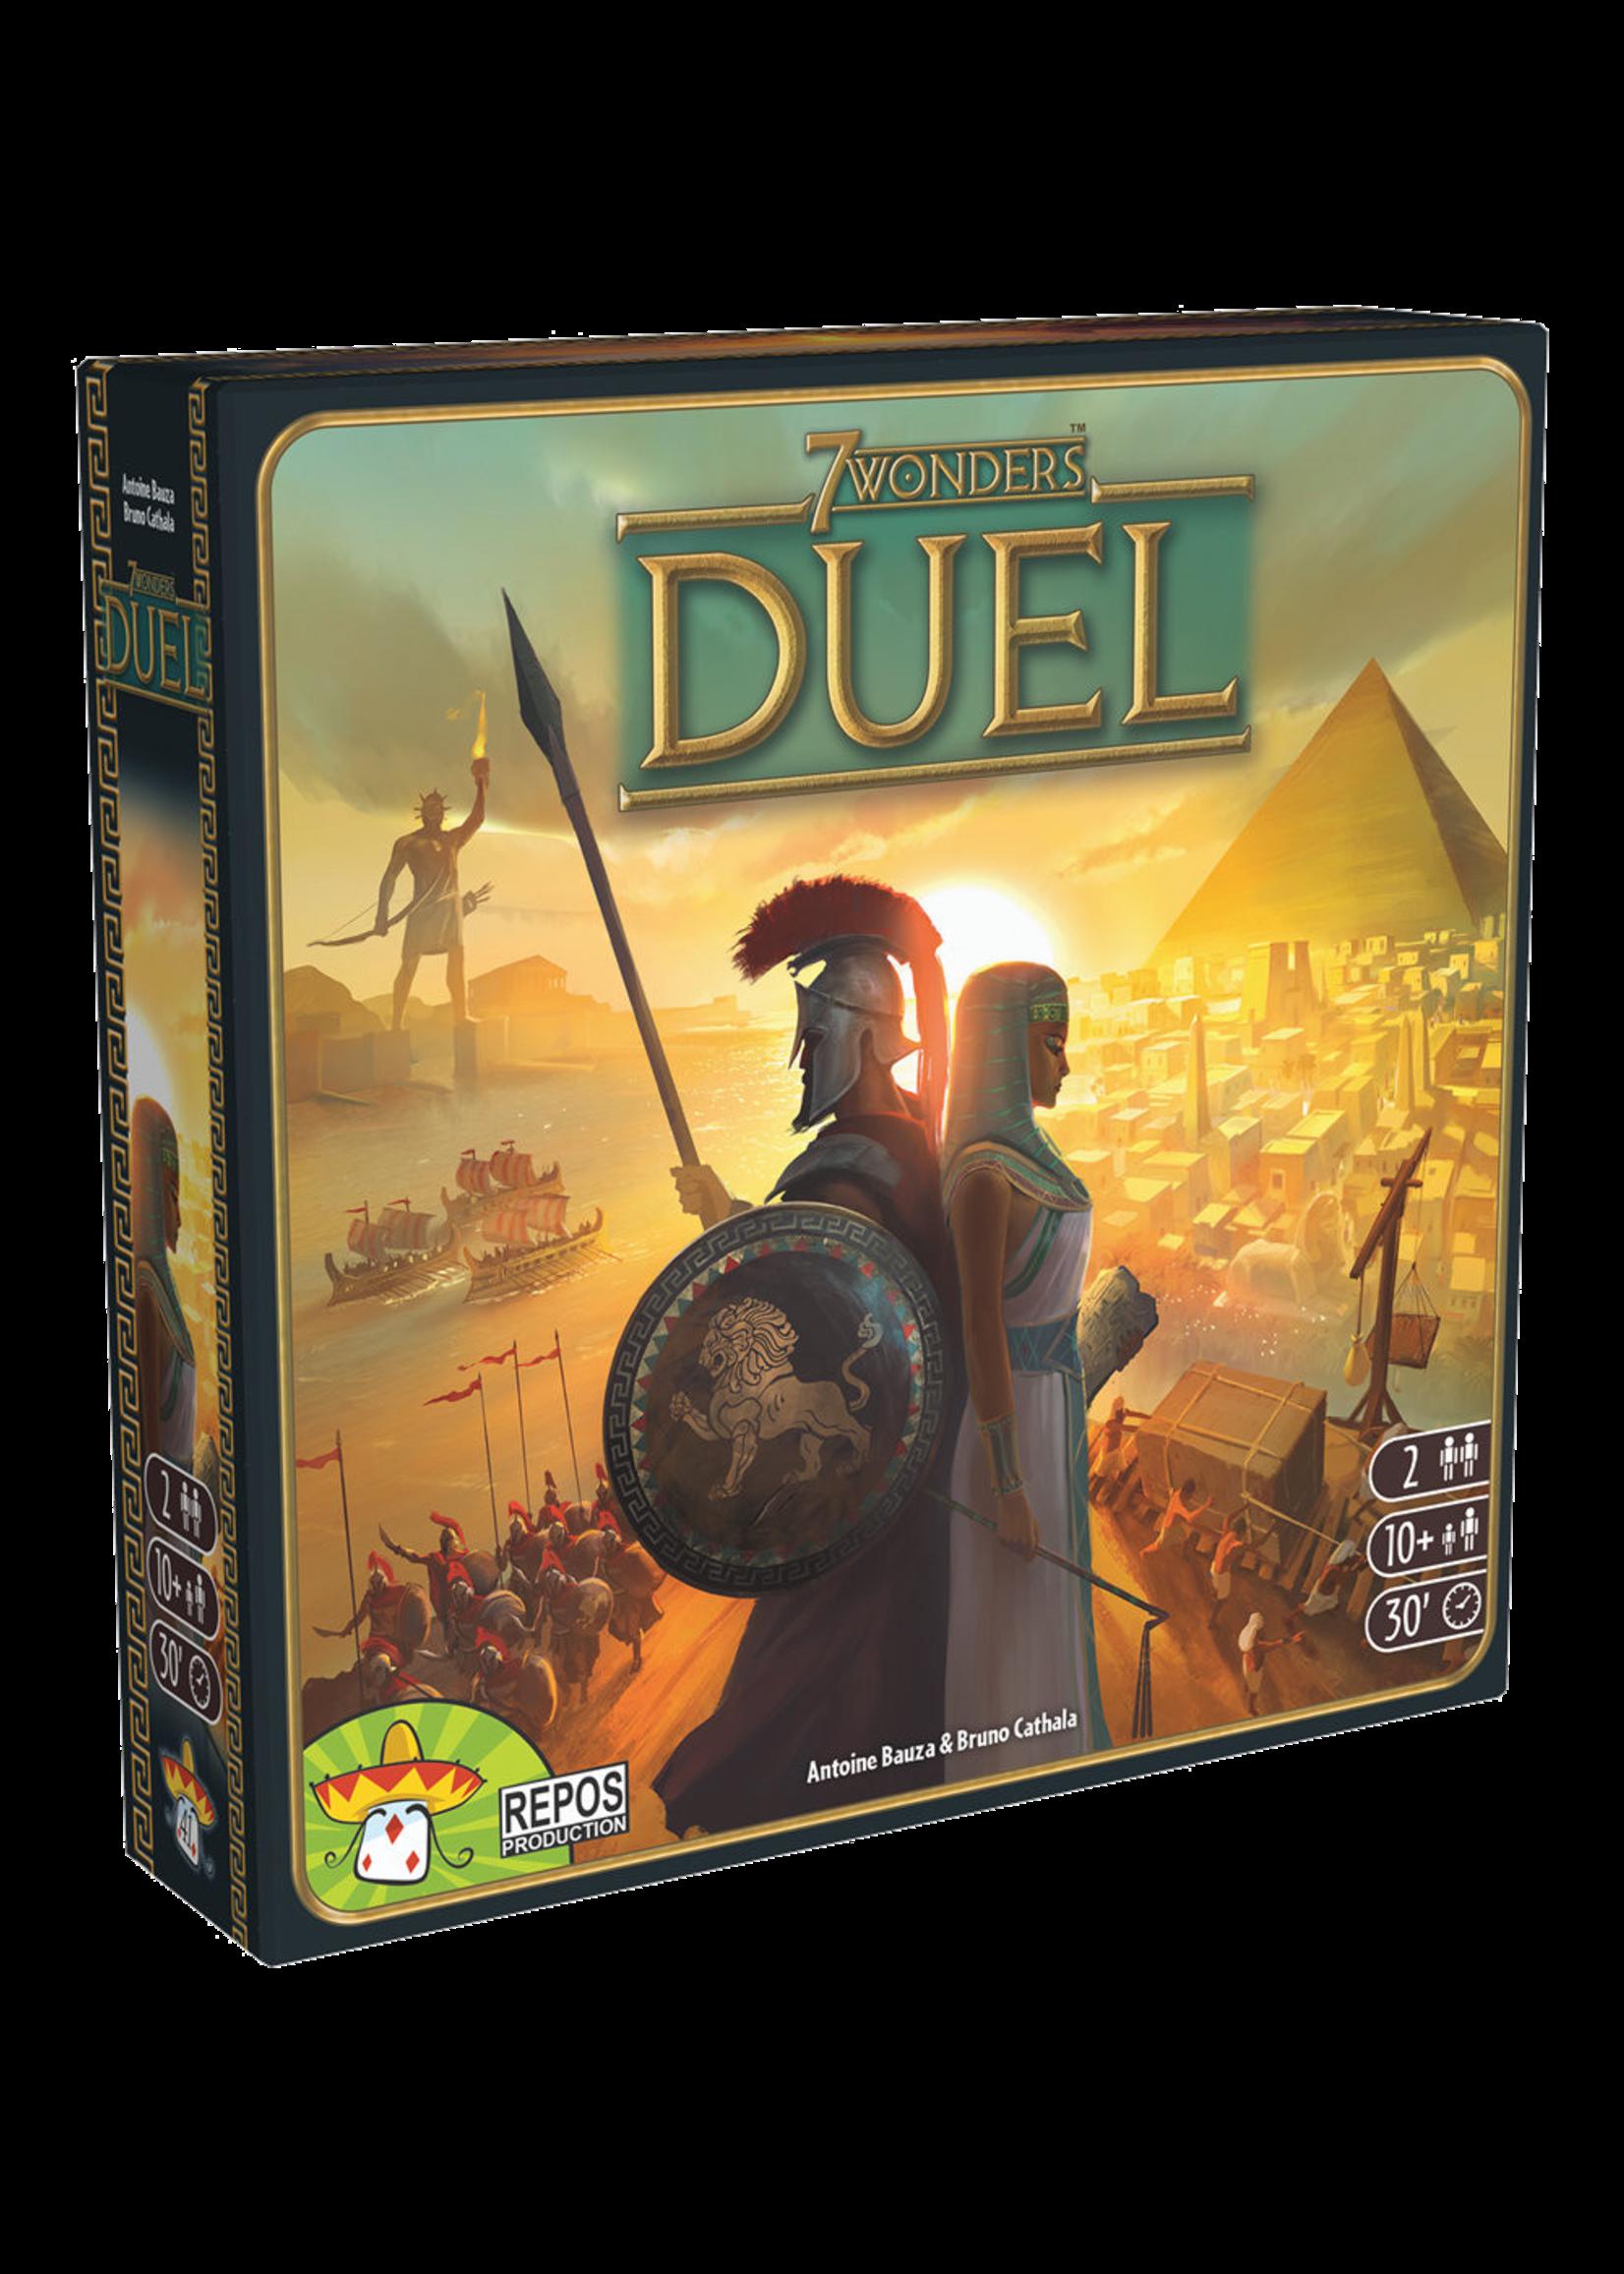 7 Wonders 7 Wonders - Duel